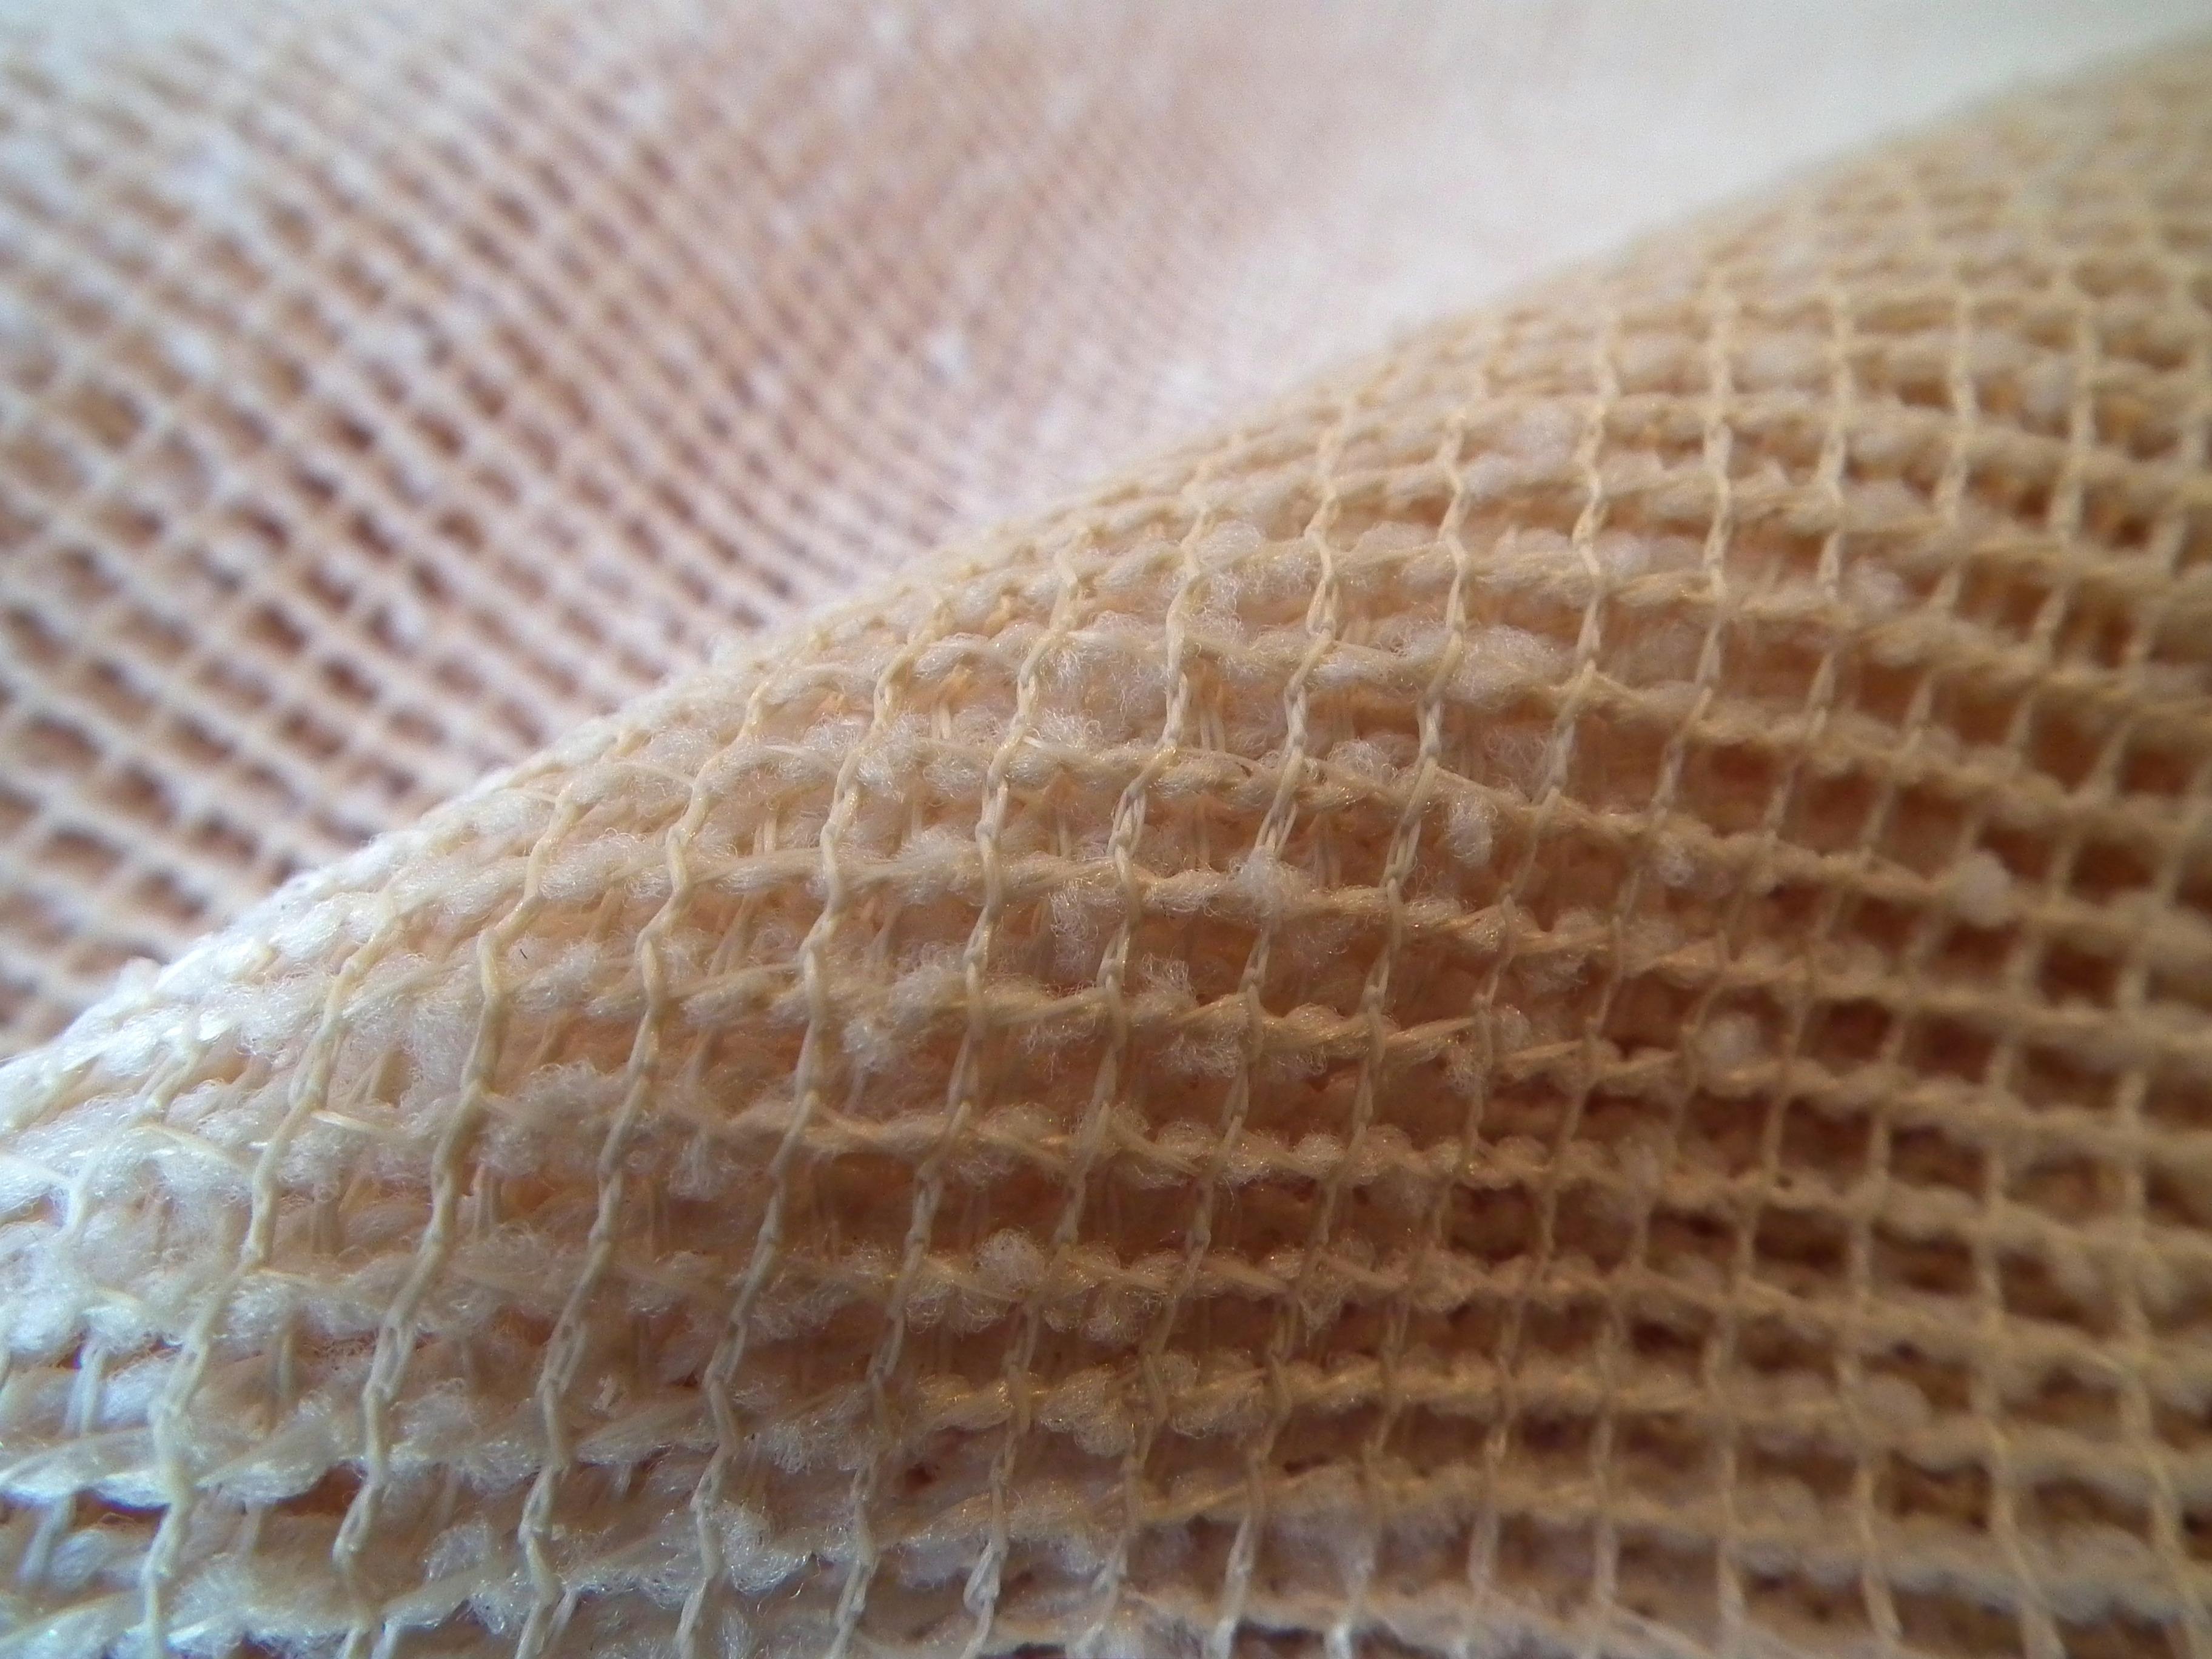 18de216817 kéz faipari struktúra minta élelmiszer barna mezőgazdaság anyag gerinctelen  szövet cérna bezár kötés textil tervezés bézs